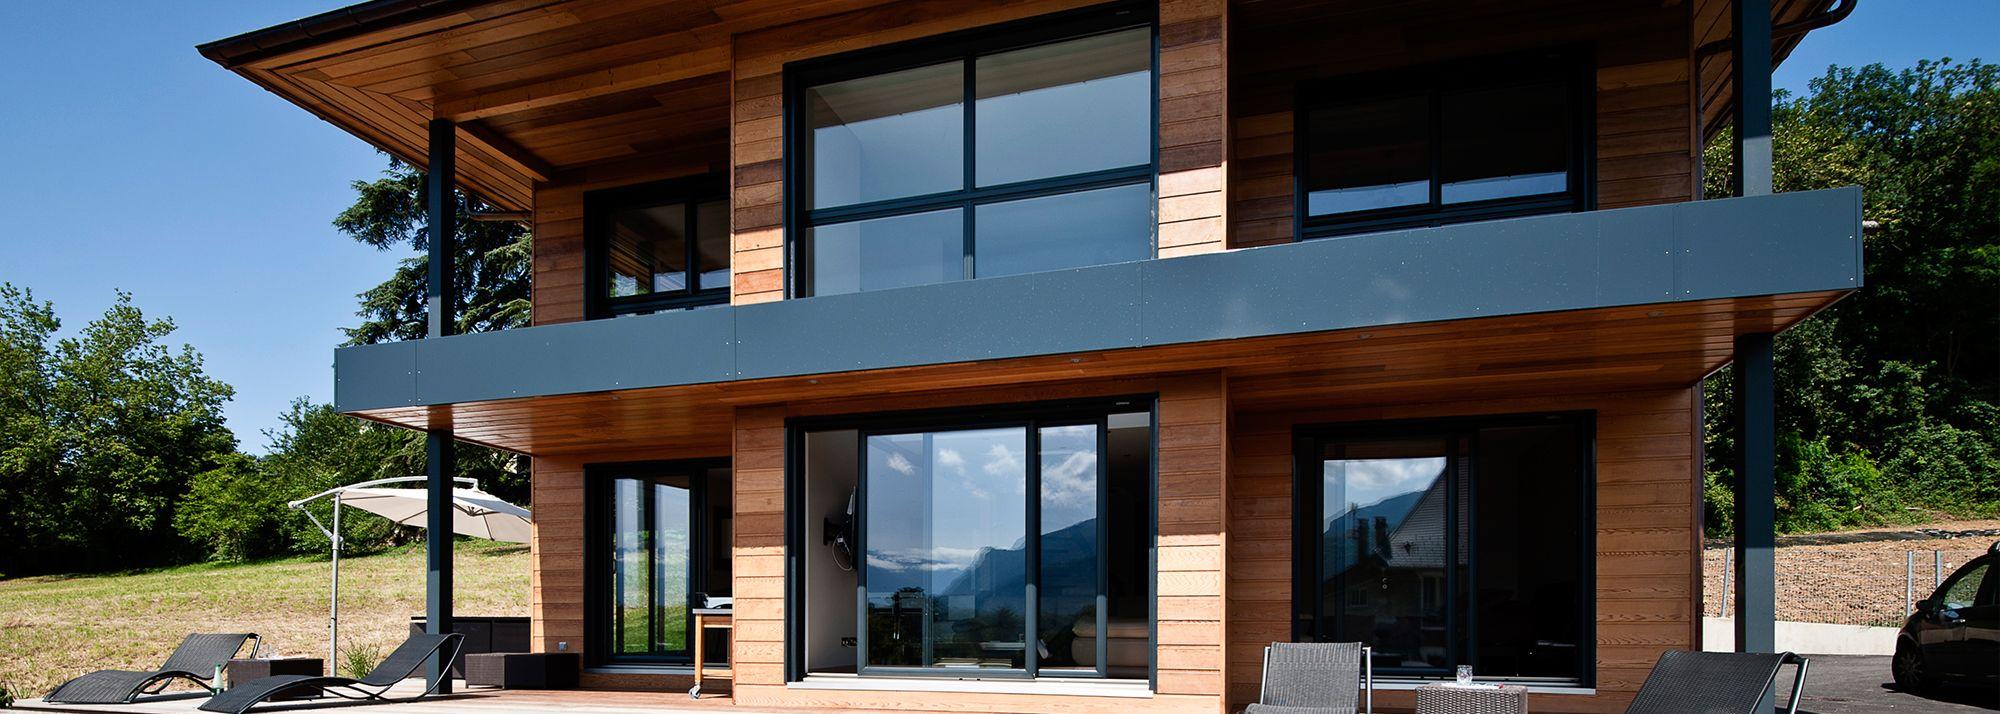 Location Maison Villa Bois 242 - Lège-Cap-Ferret, 5 pièces, 8 ...